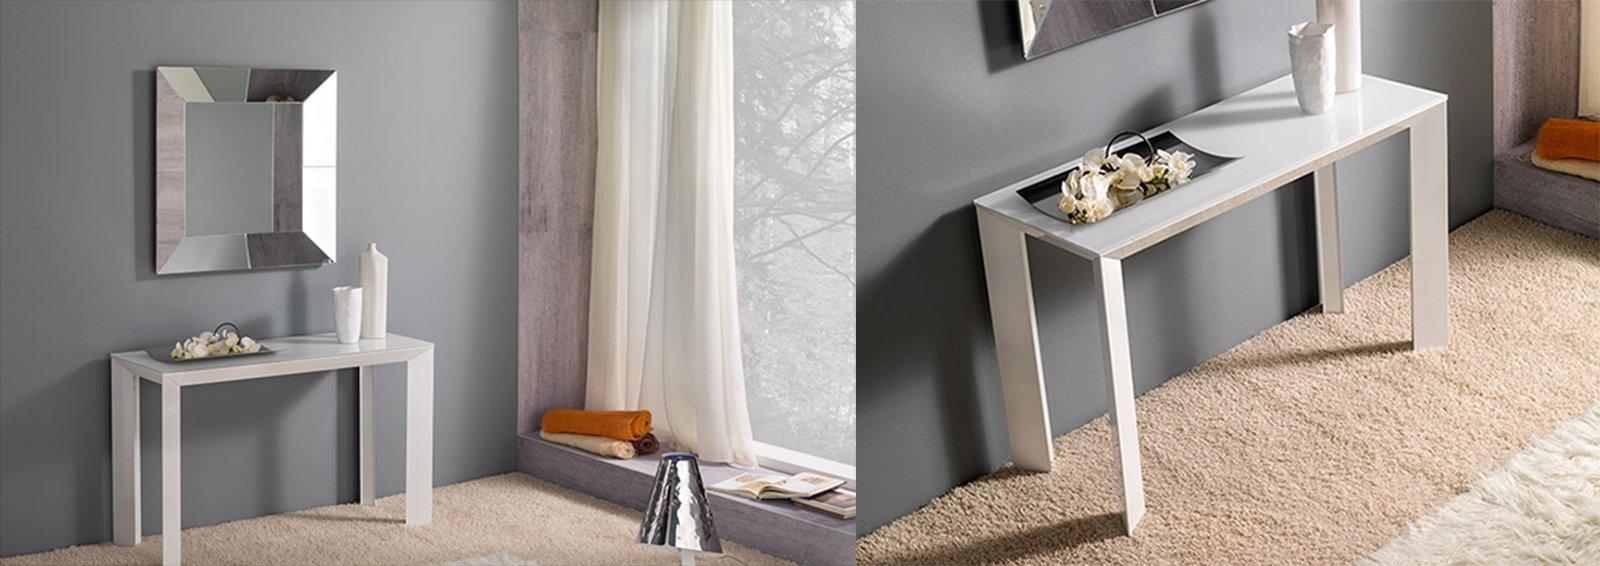 Console per sfruttare bene lo spazio cose di casa for Consolle moderne ikea